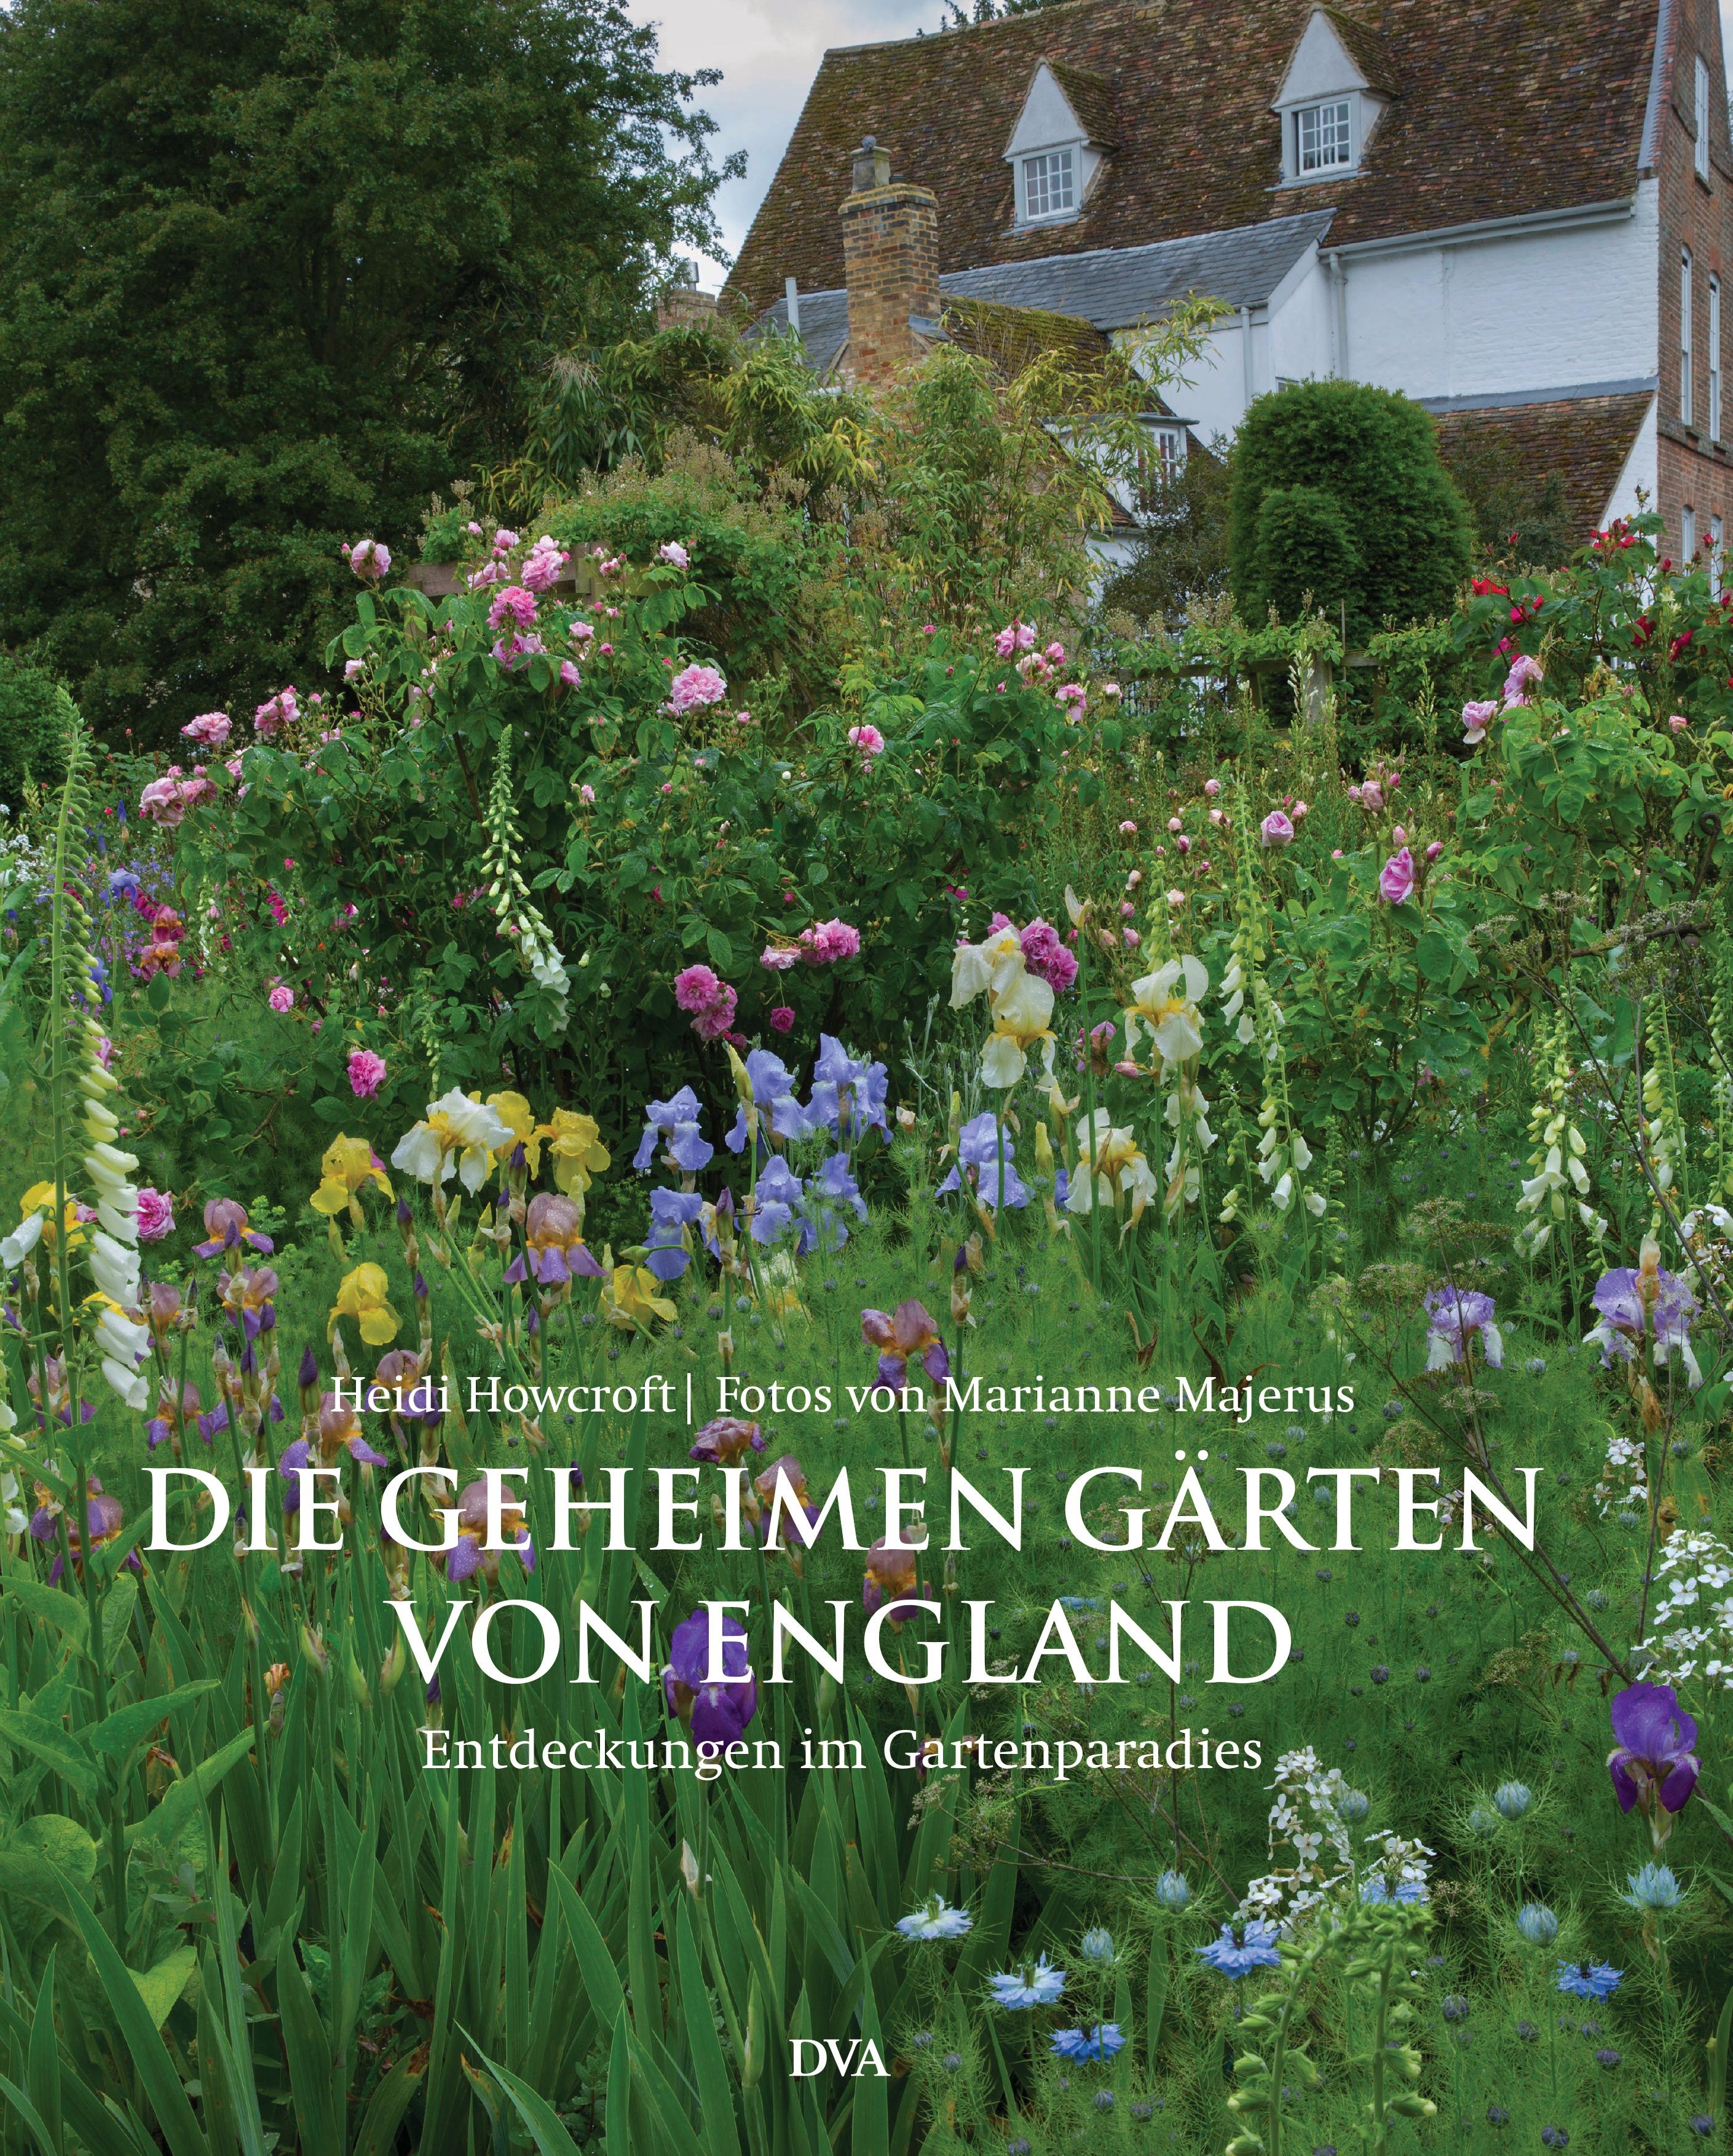 Die geheimen Gärten von England: Entdeckungen i...